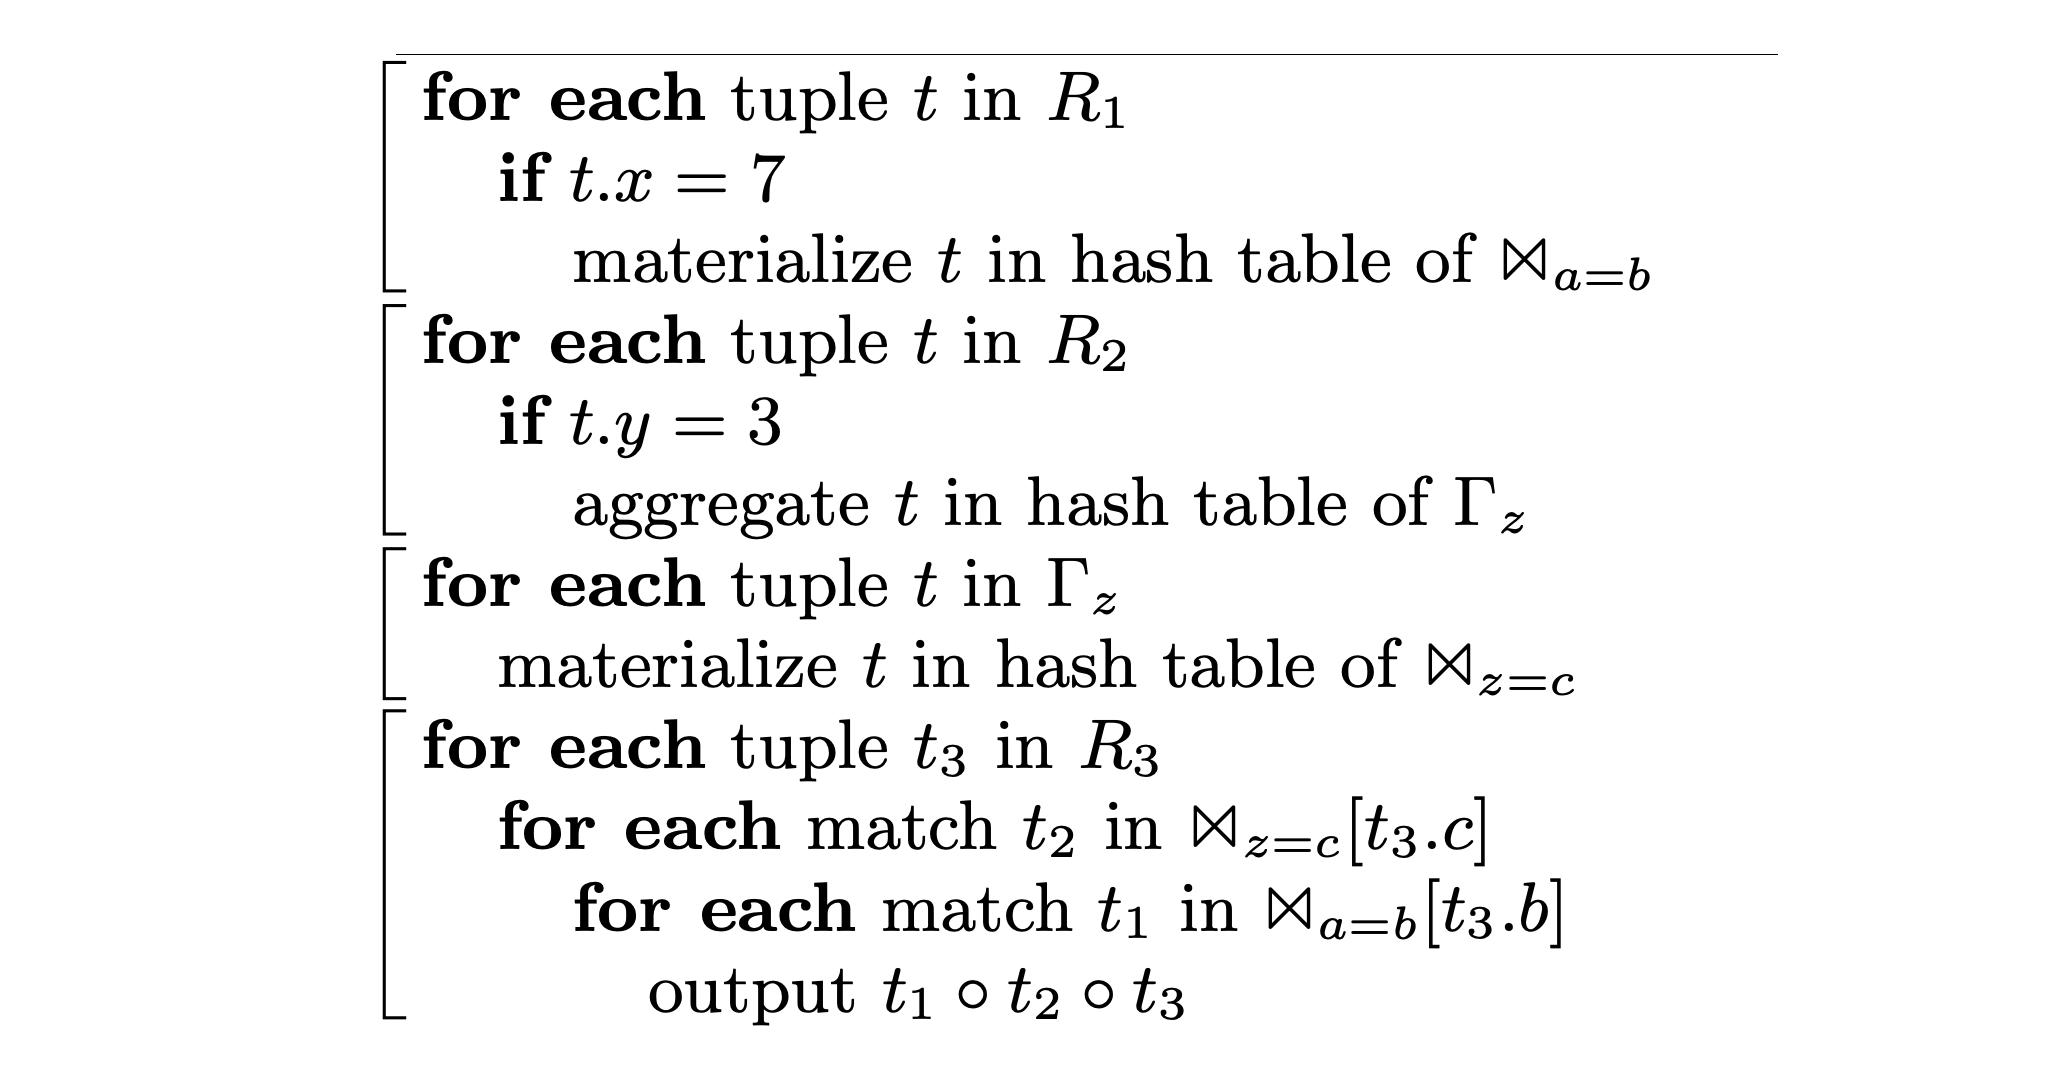 引自Thomas Neumann (2011)四个代码段